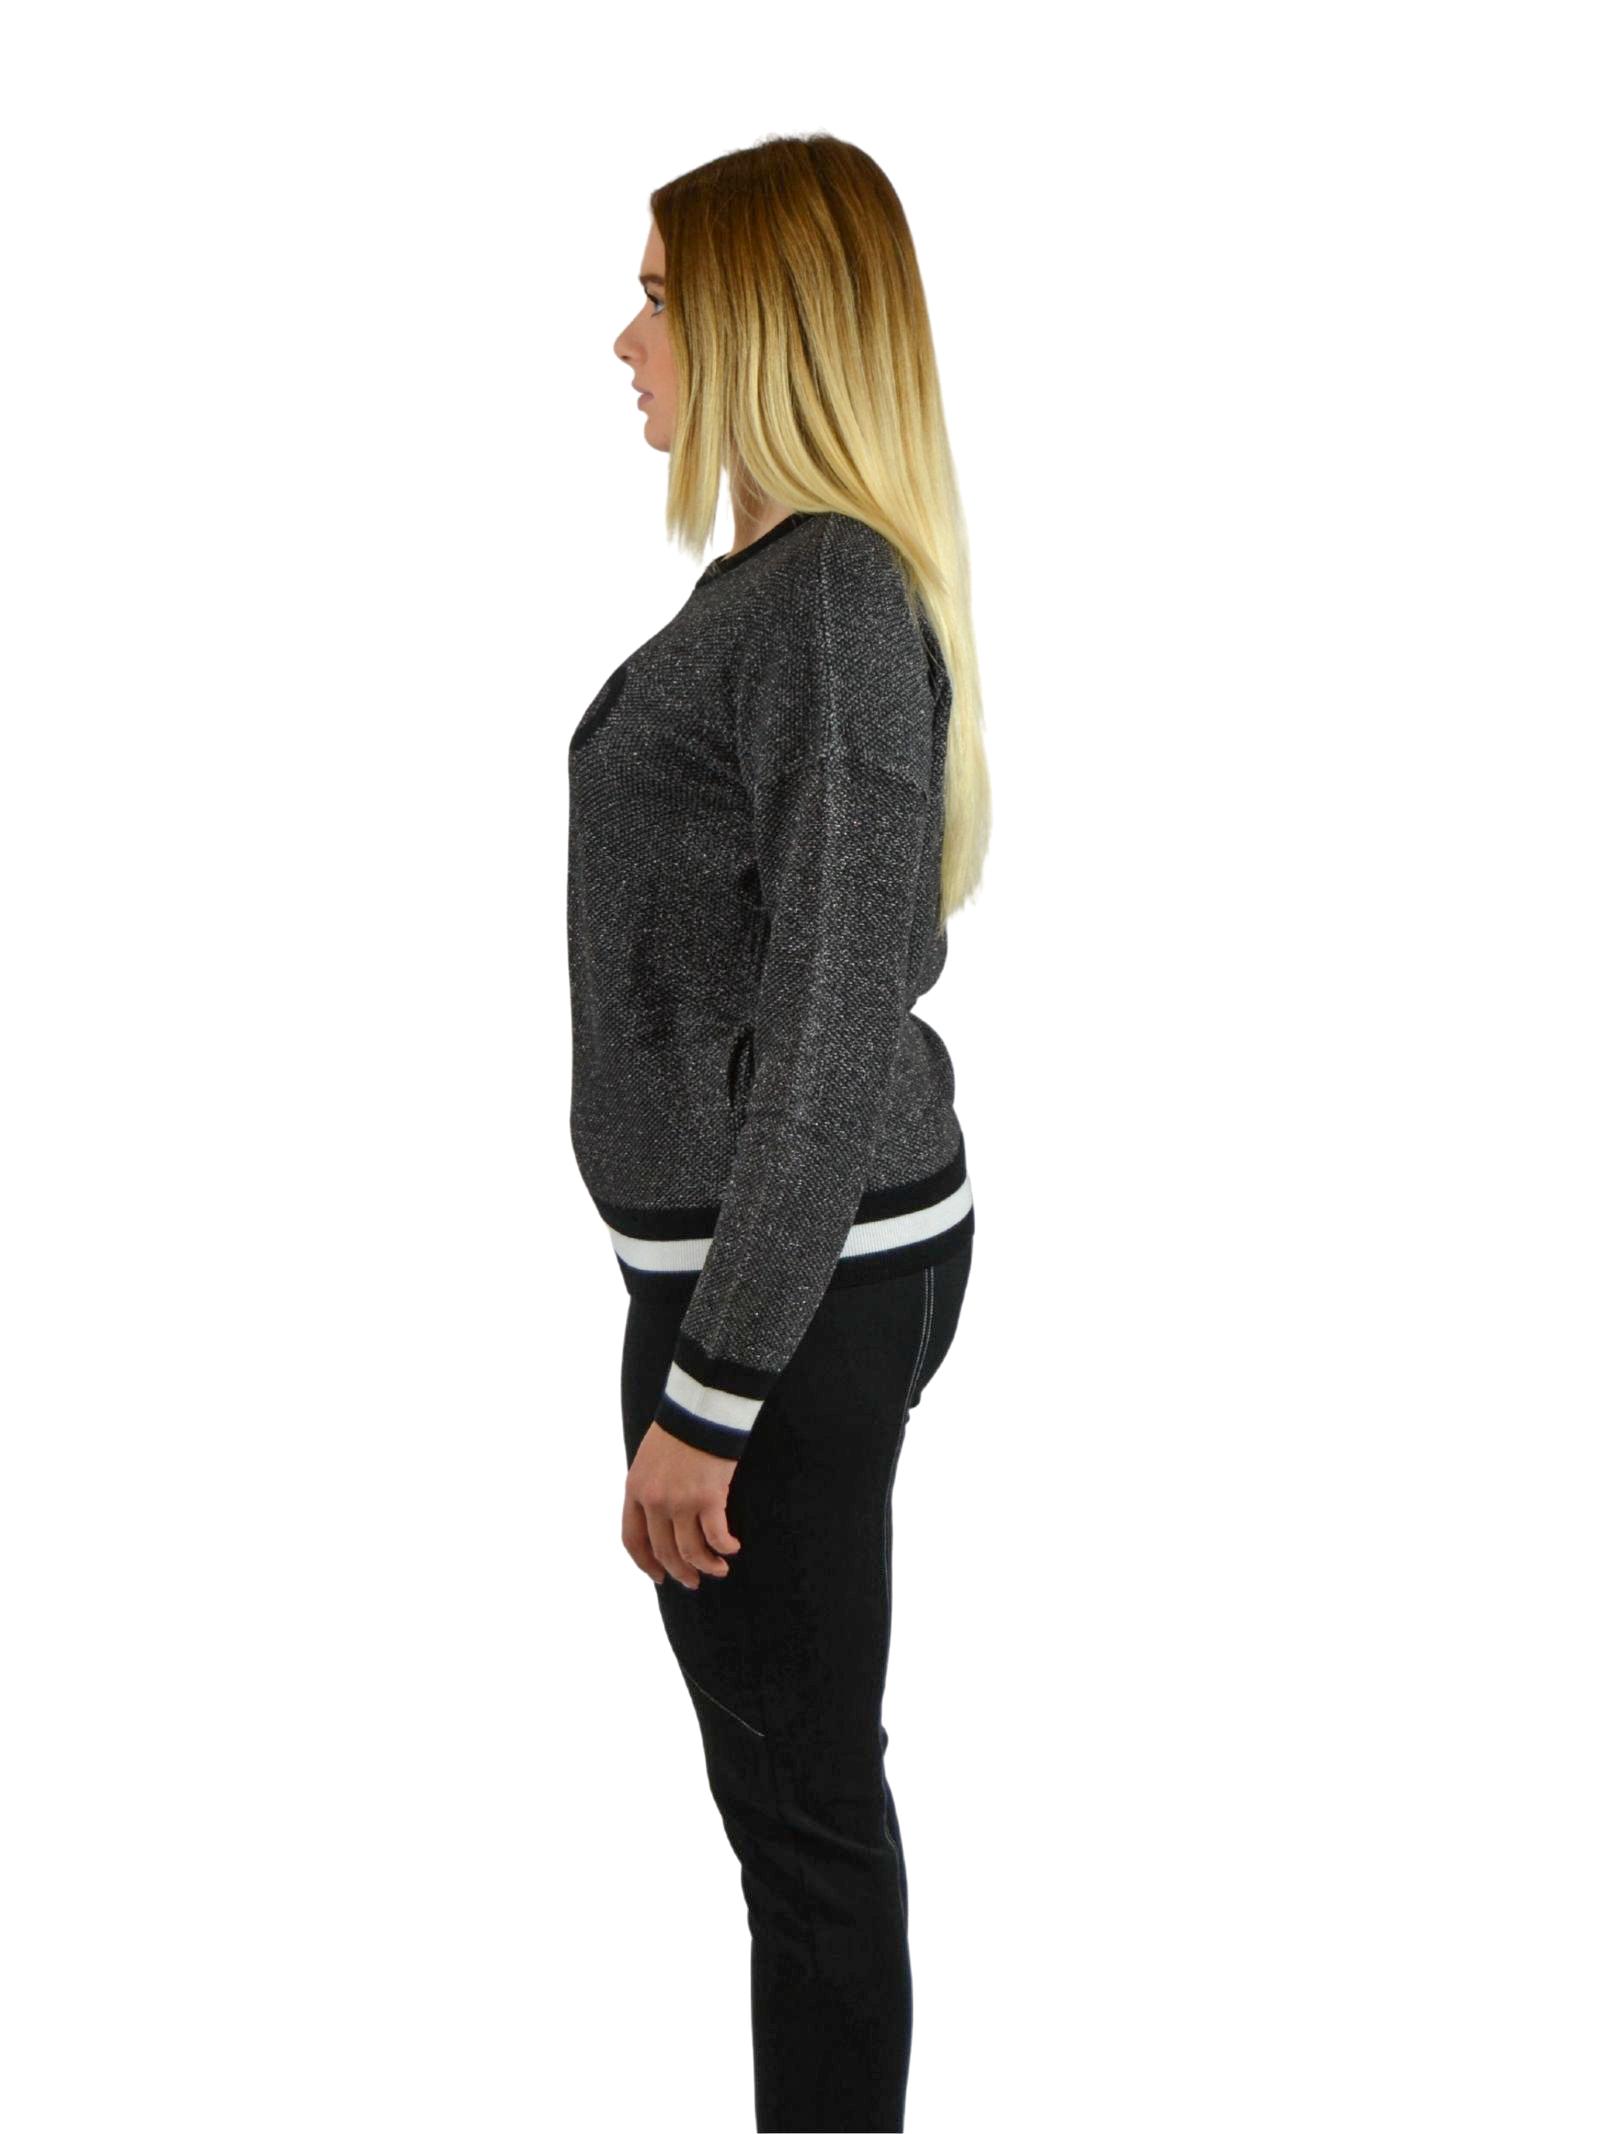 Jacquard Sweater in wool  with logo LIUJO SPORT |  | TF0075MA49104858